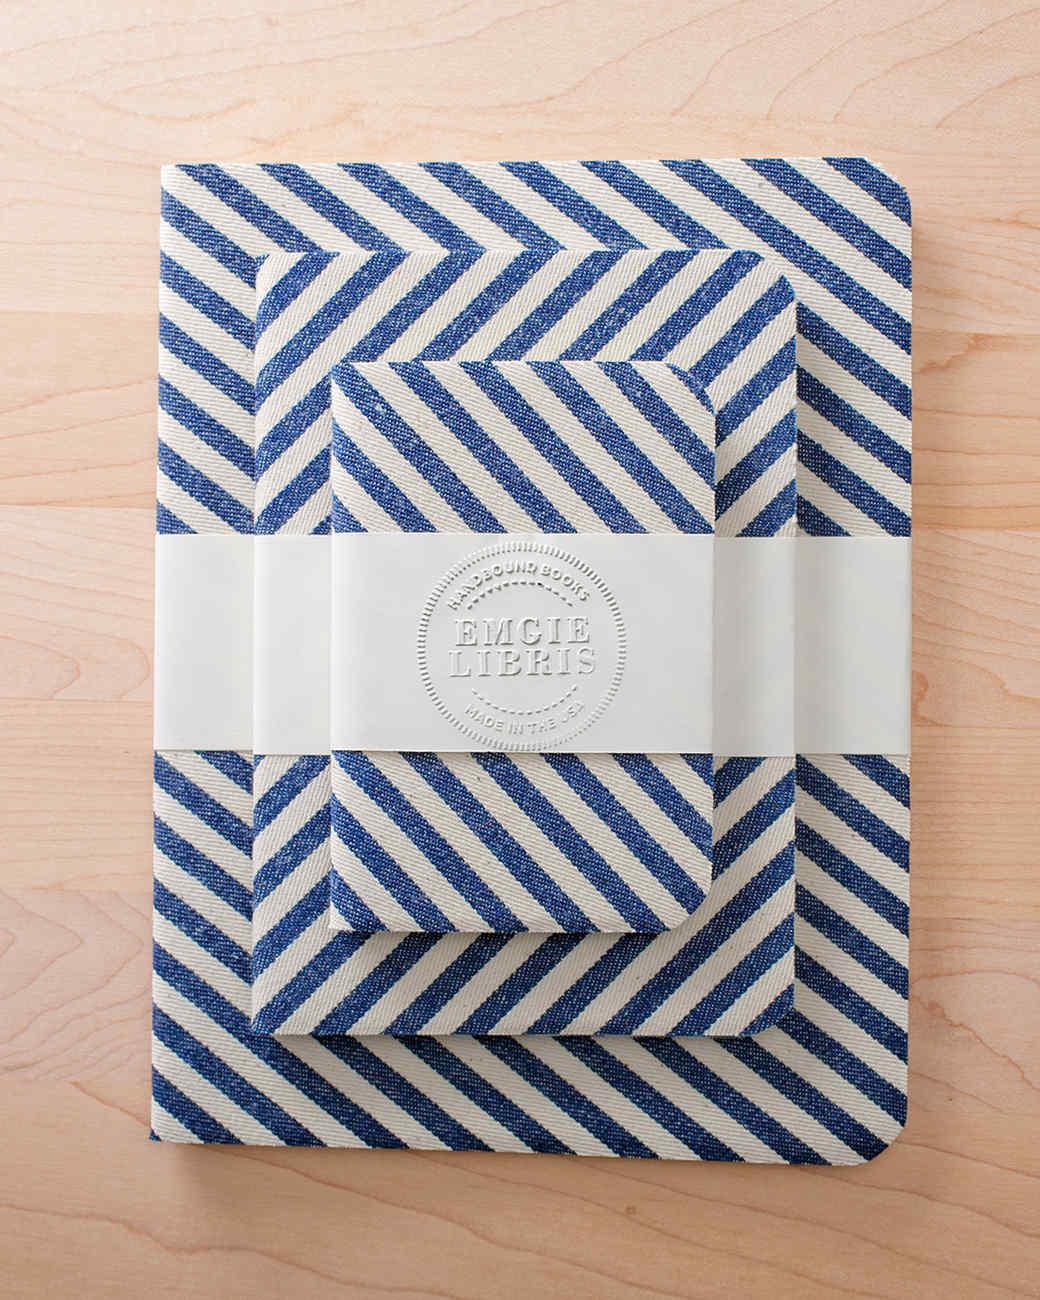 emgie-libris-chevron-notebook-0414.jpg